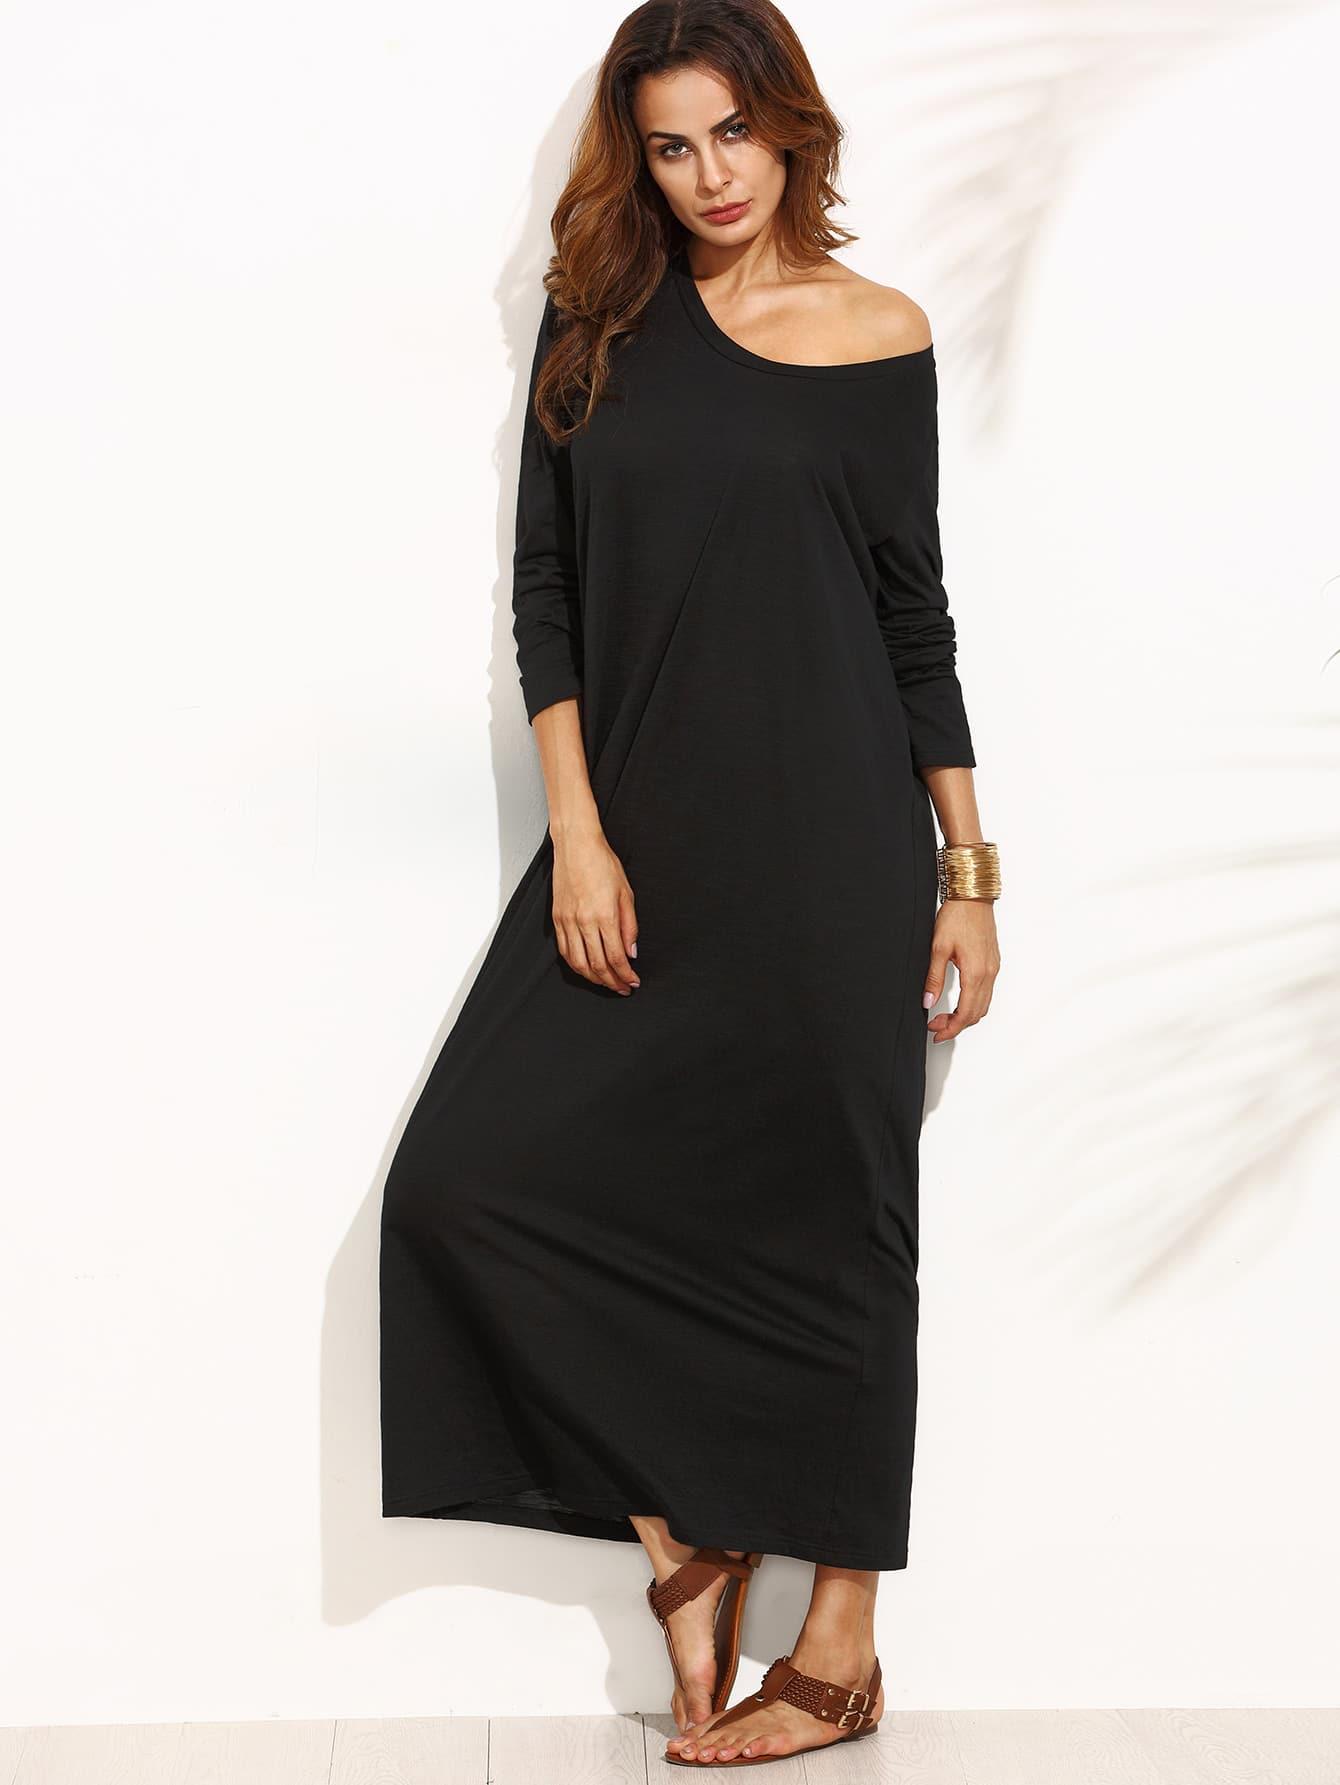 dress160804720_3